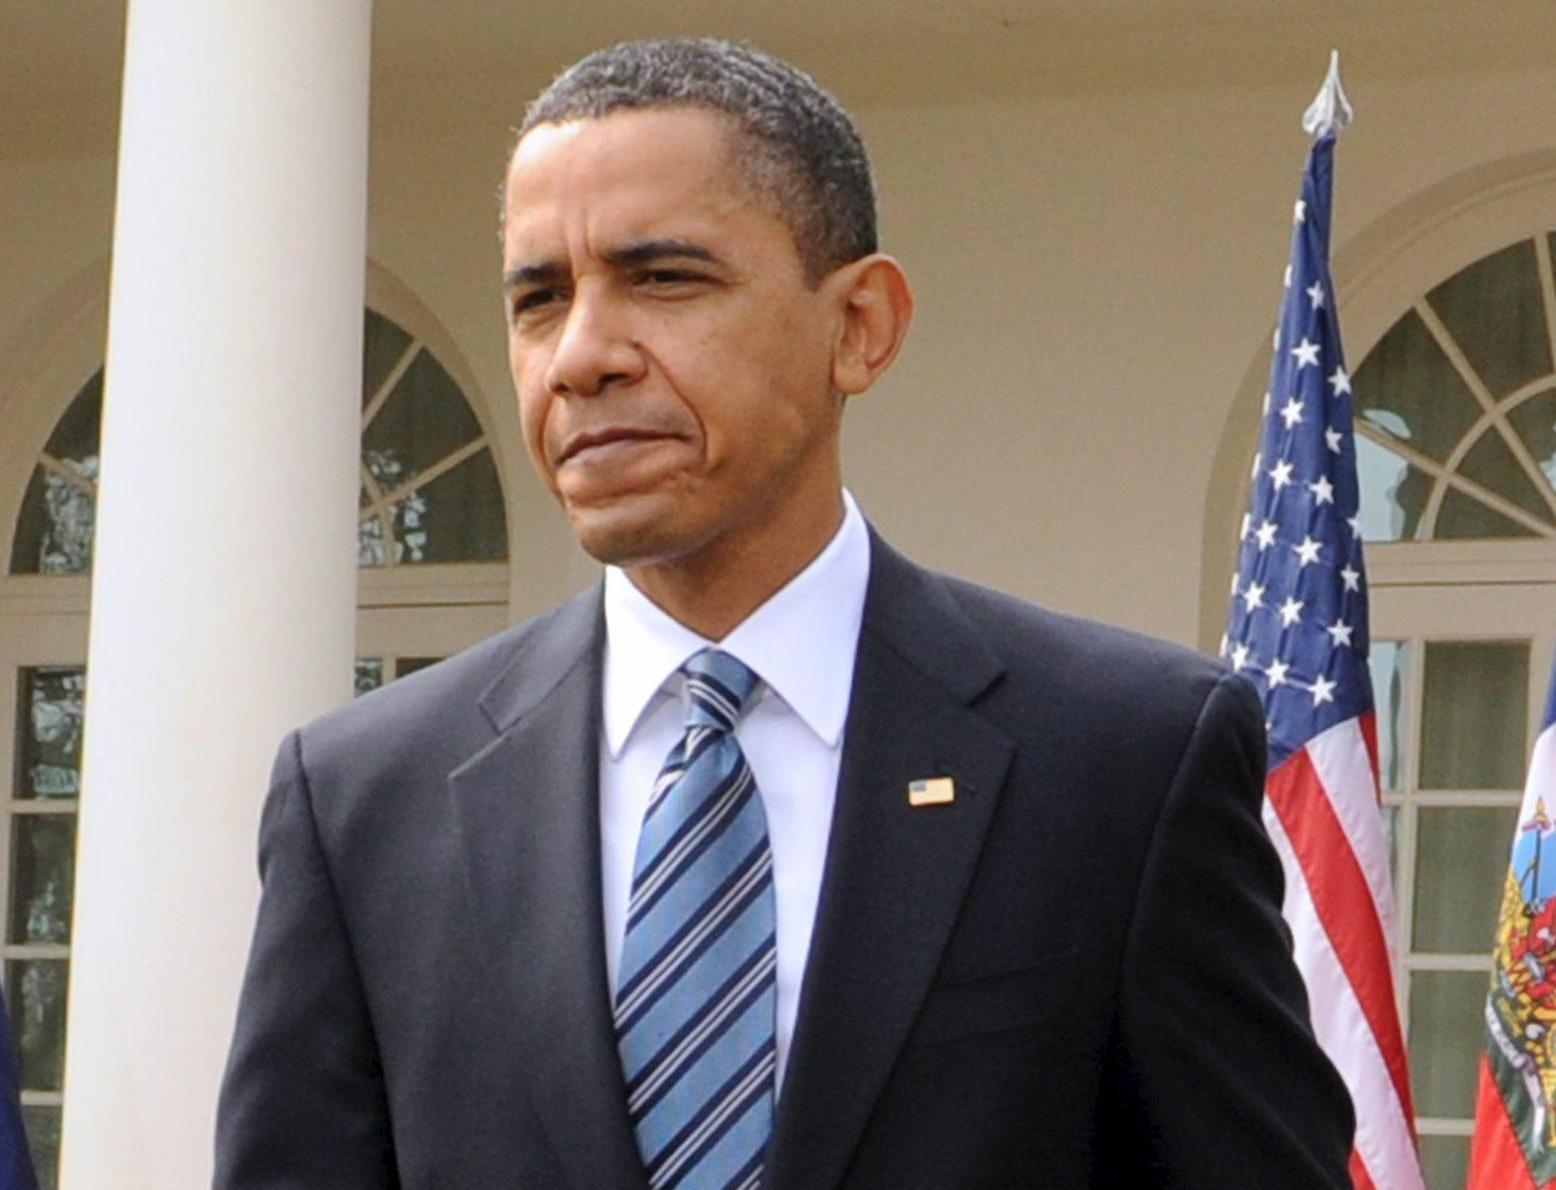 Un navío de guerra, la tercera vía de Obama para retener a prisioneros